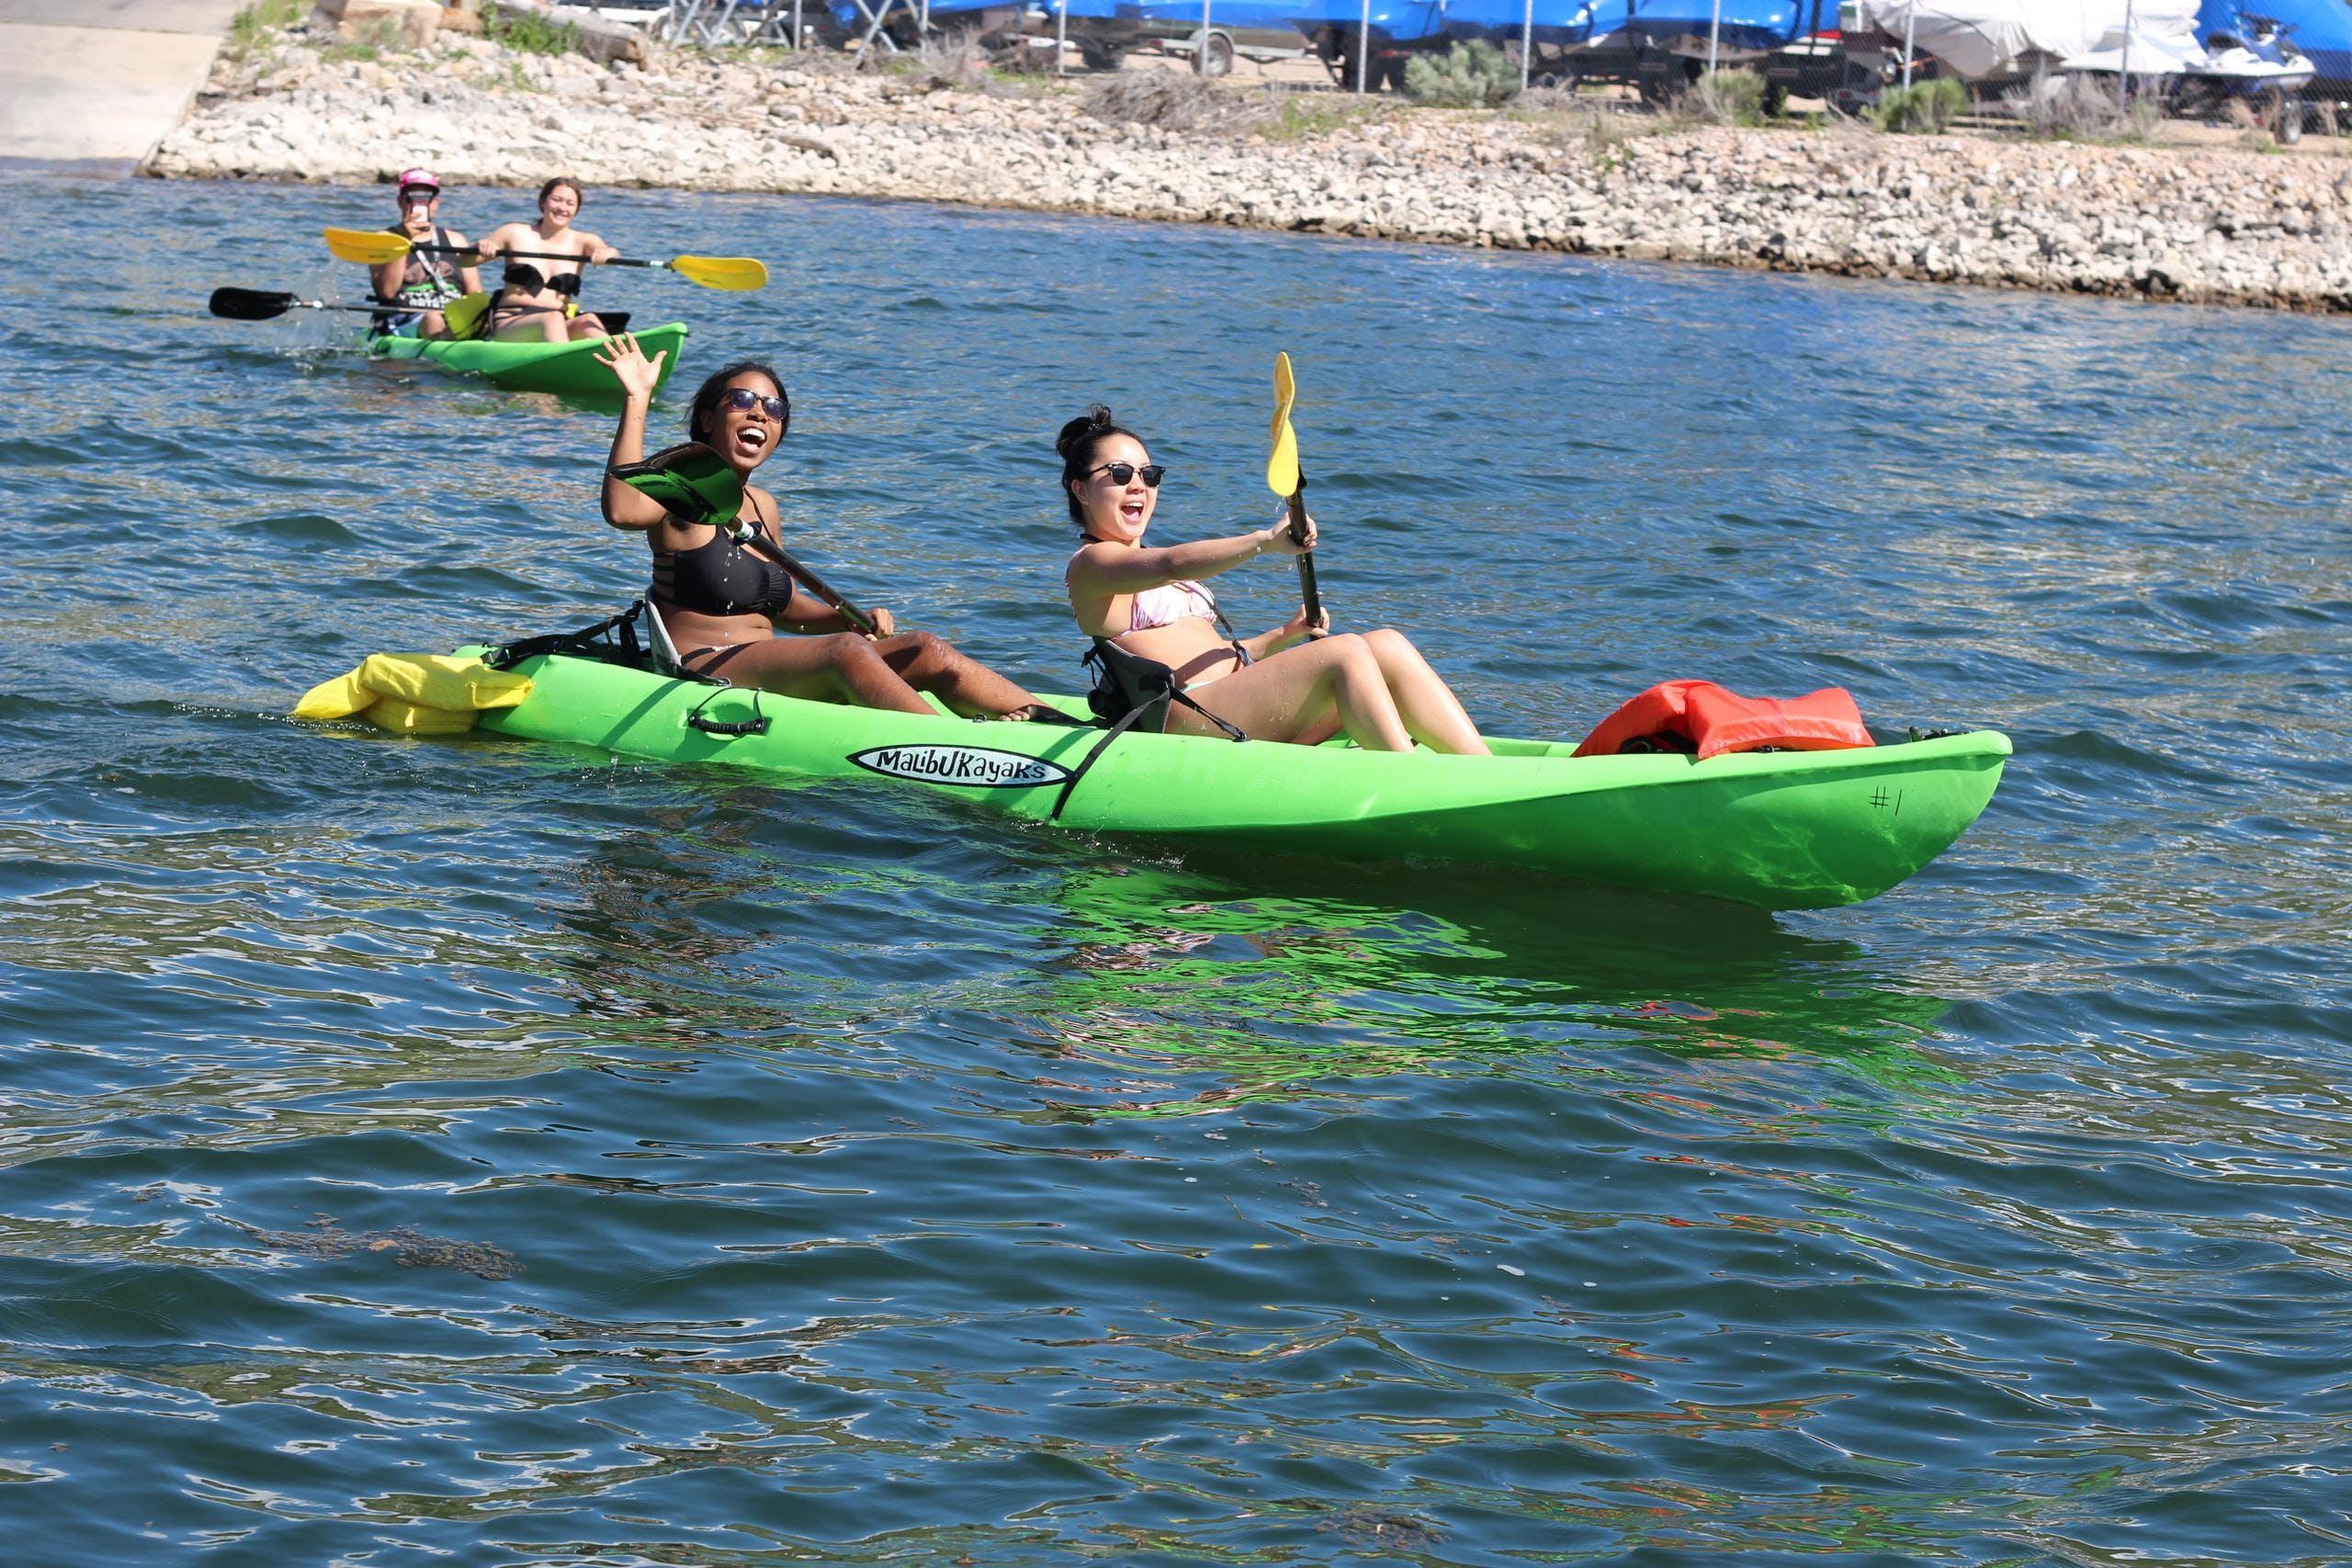 Tandem Kayak Rental Deer Creek Island Resort